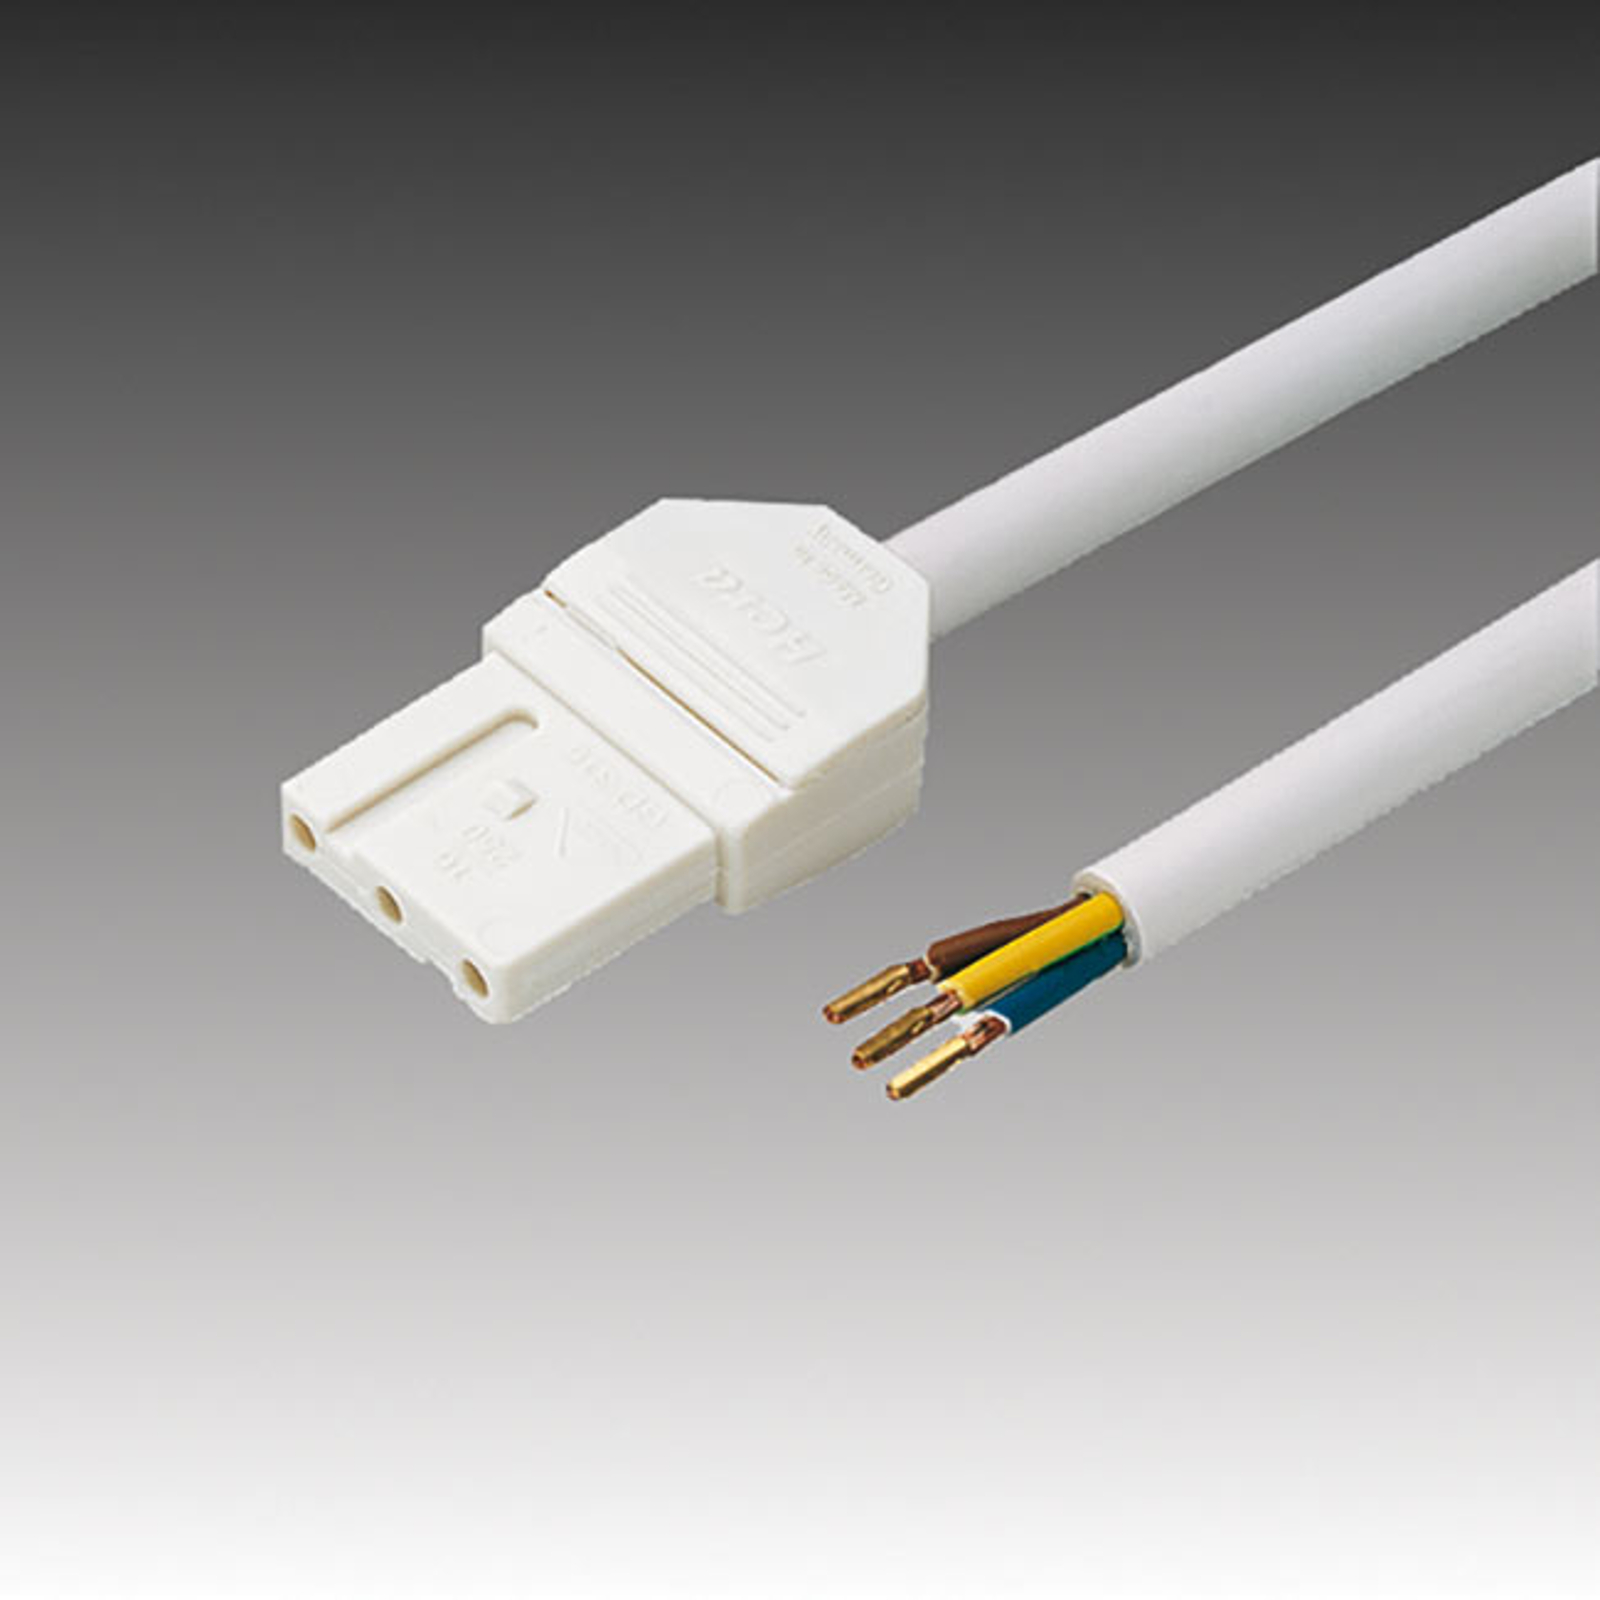 Netzanschlussleitung MK2, Länge 2 m